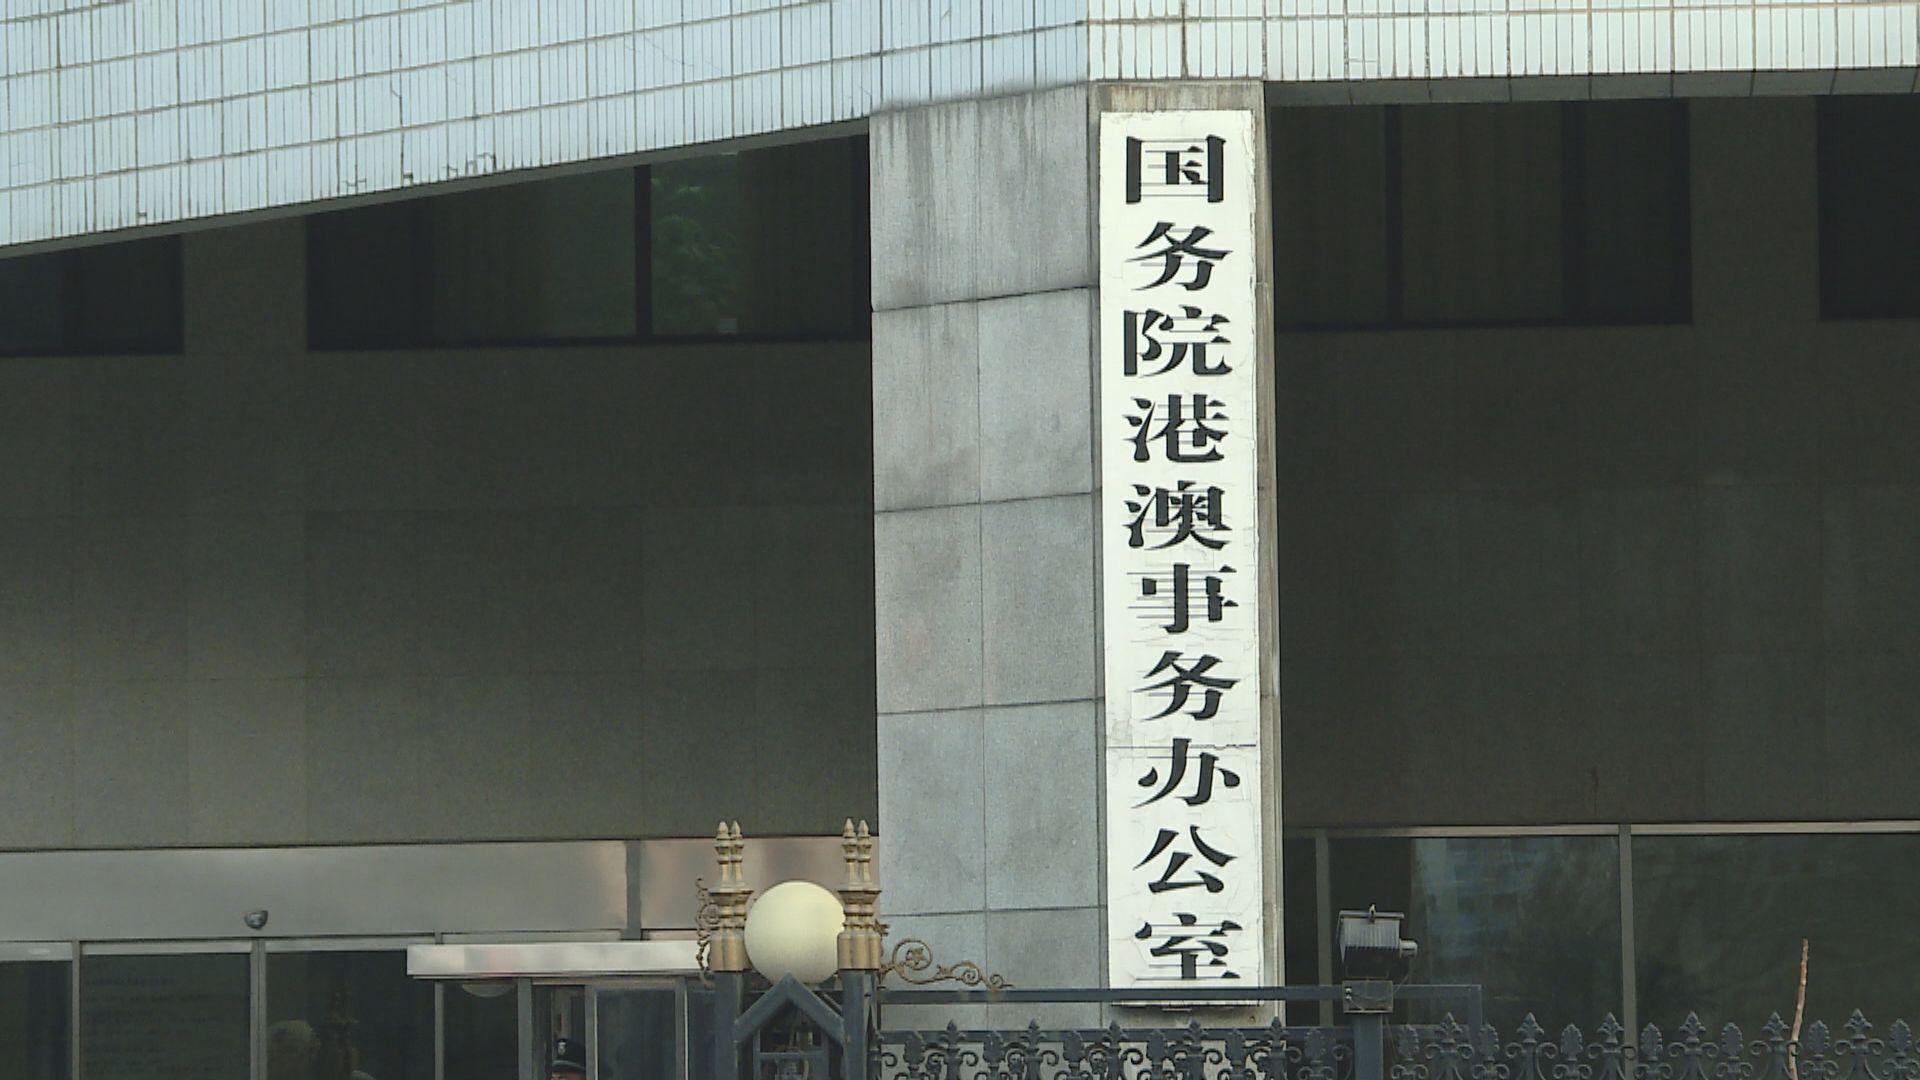 港澳辦:初選非法操控選舉挑戰國安法 應嚴懲不貸